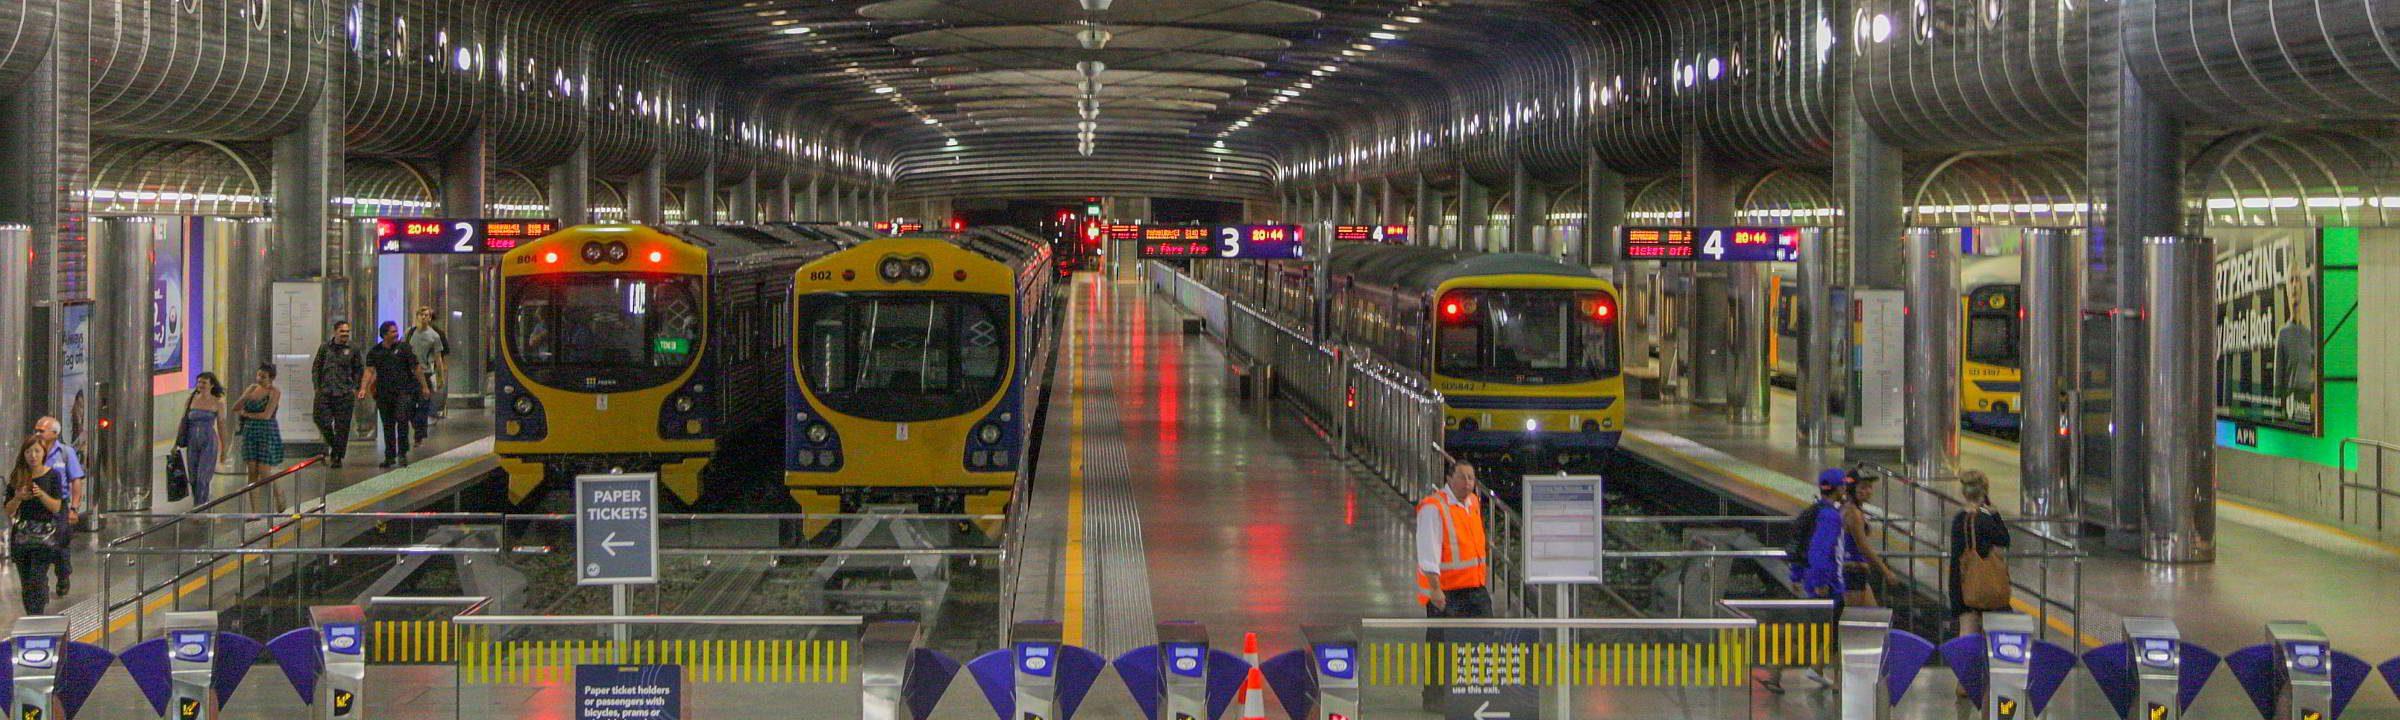 Auckland Hauptbahnhof mit Zügen